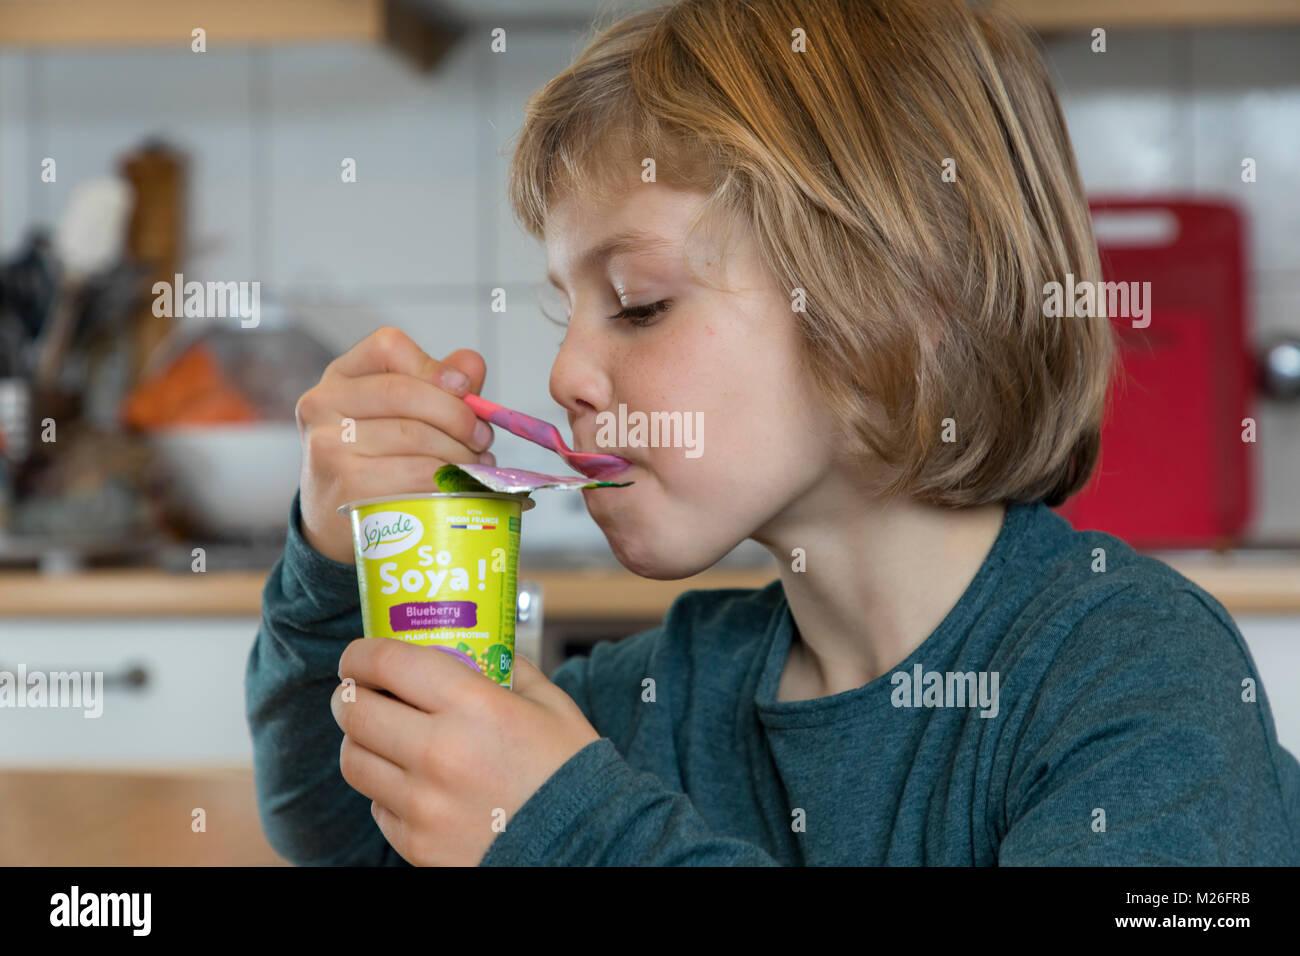 Boy, 7 years old, tastes vegan food, soy fruit yogurt substitute, - Stock Image